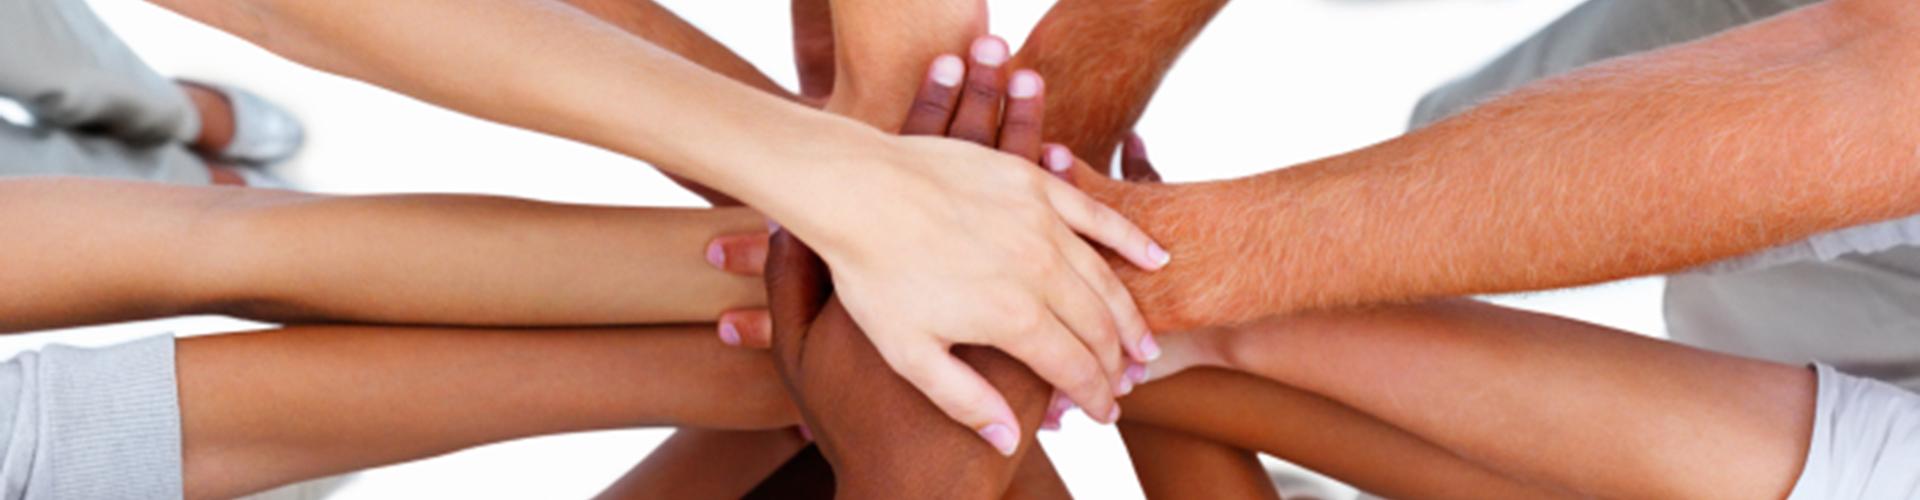 Våra gemensamma insatser leder till utveckling och arbete